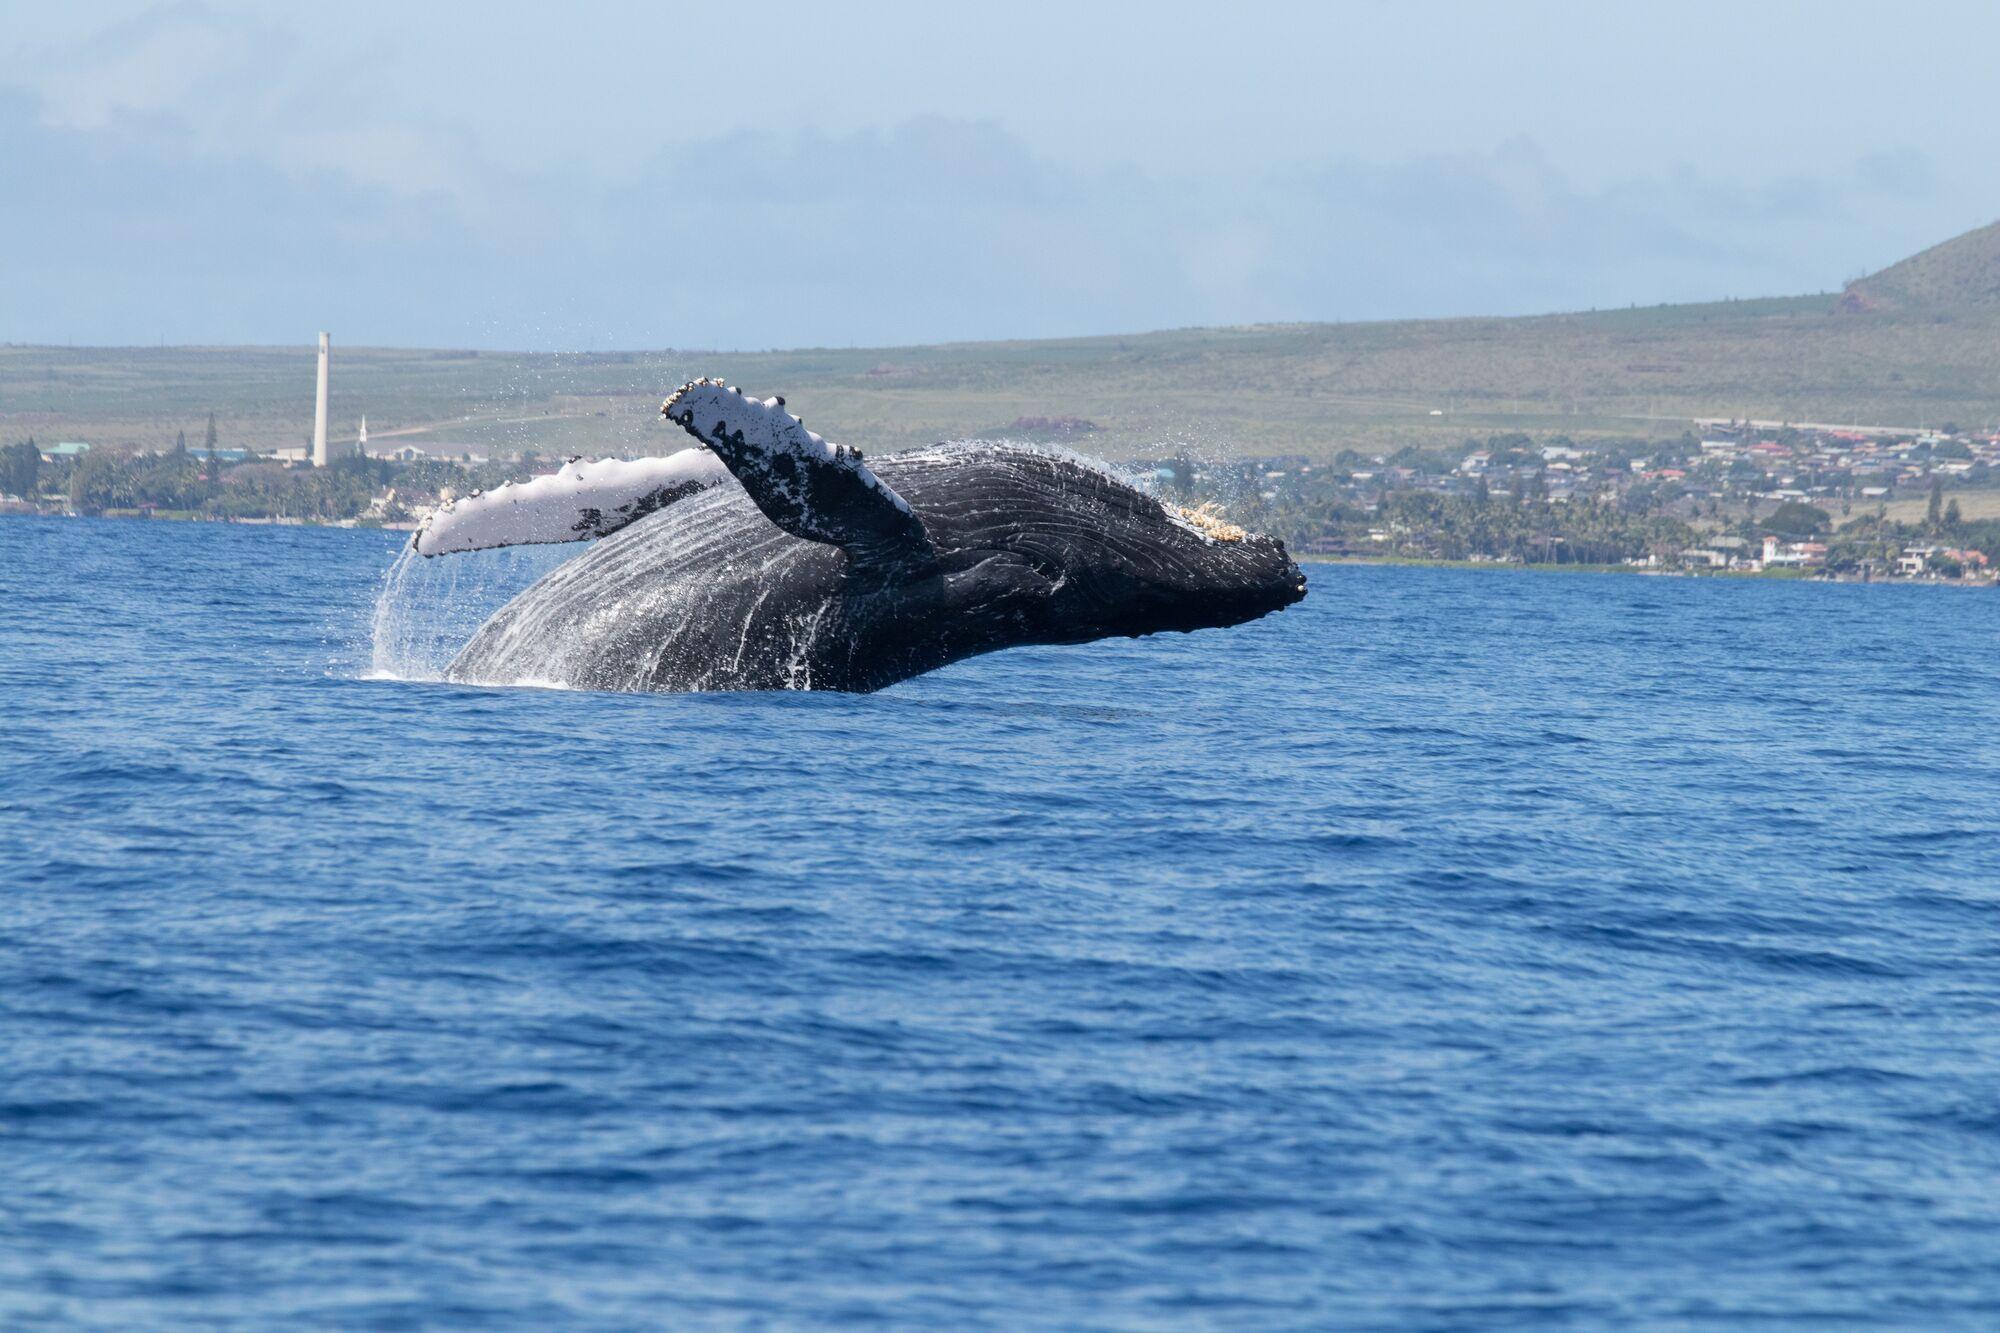 Считается, что предками китов были жившие на суше парнокопытные млекопитающие